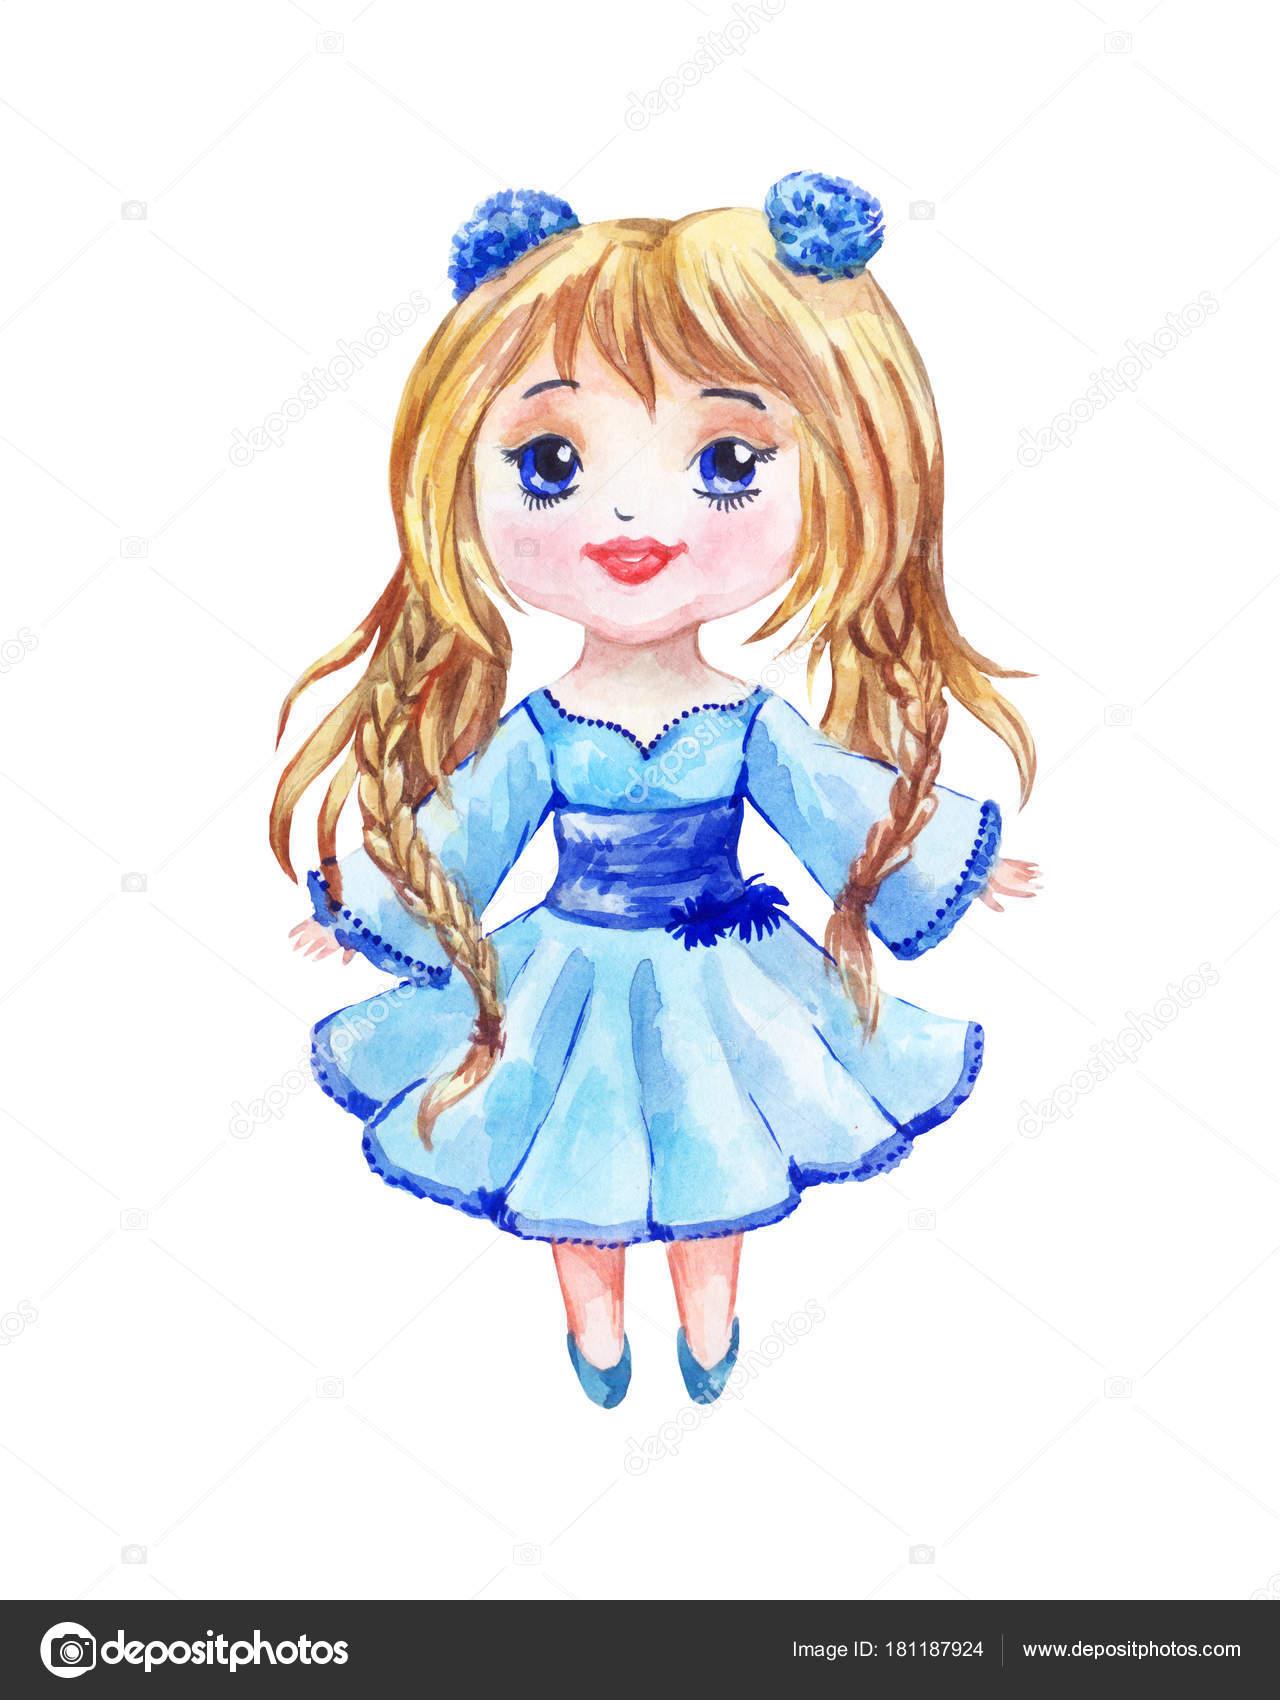 En Azul Vestido Un Chibi Anime Con Una Niña Dos GirlEs UzVpGqSM